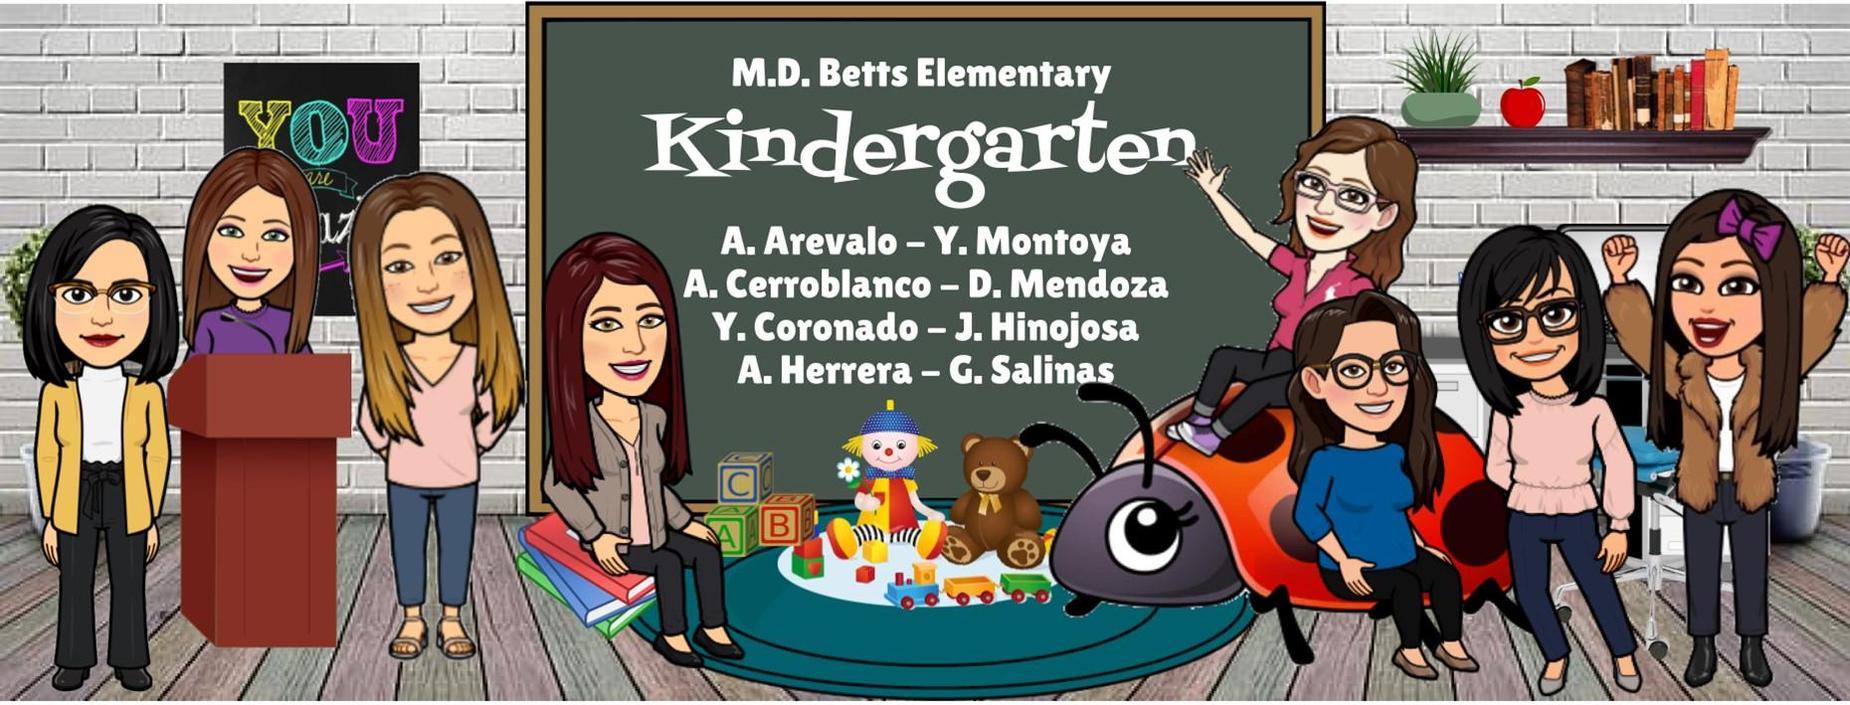 Image of Kindergarten staff